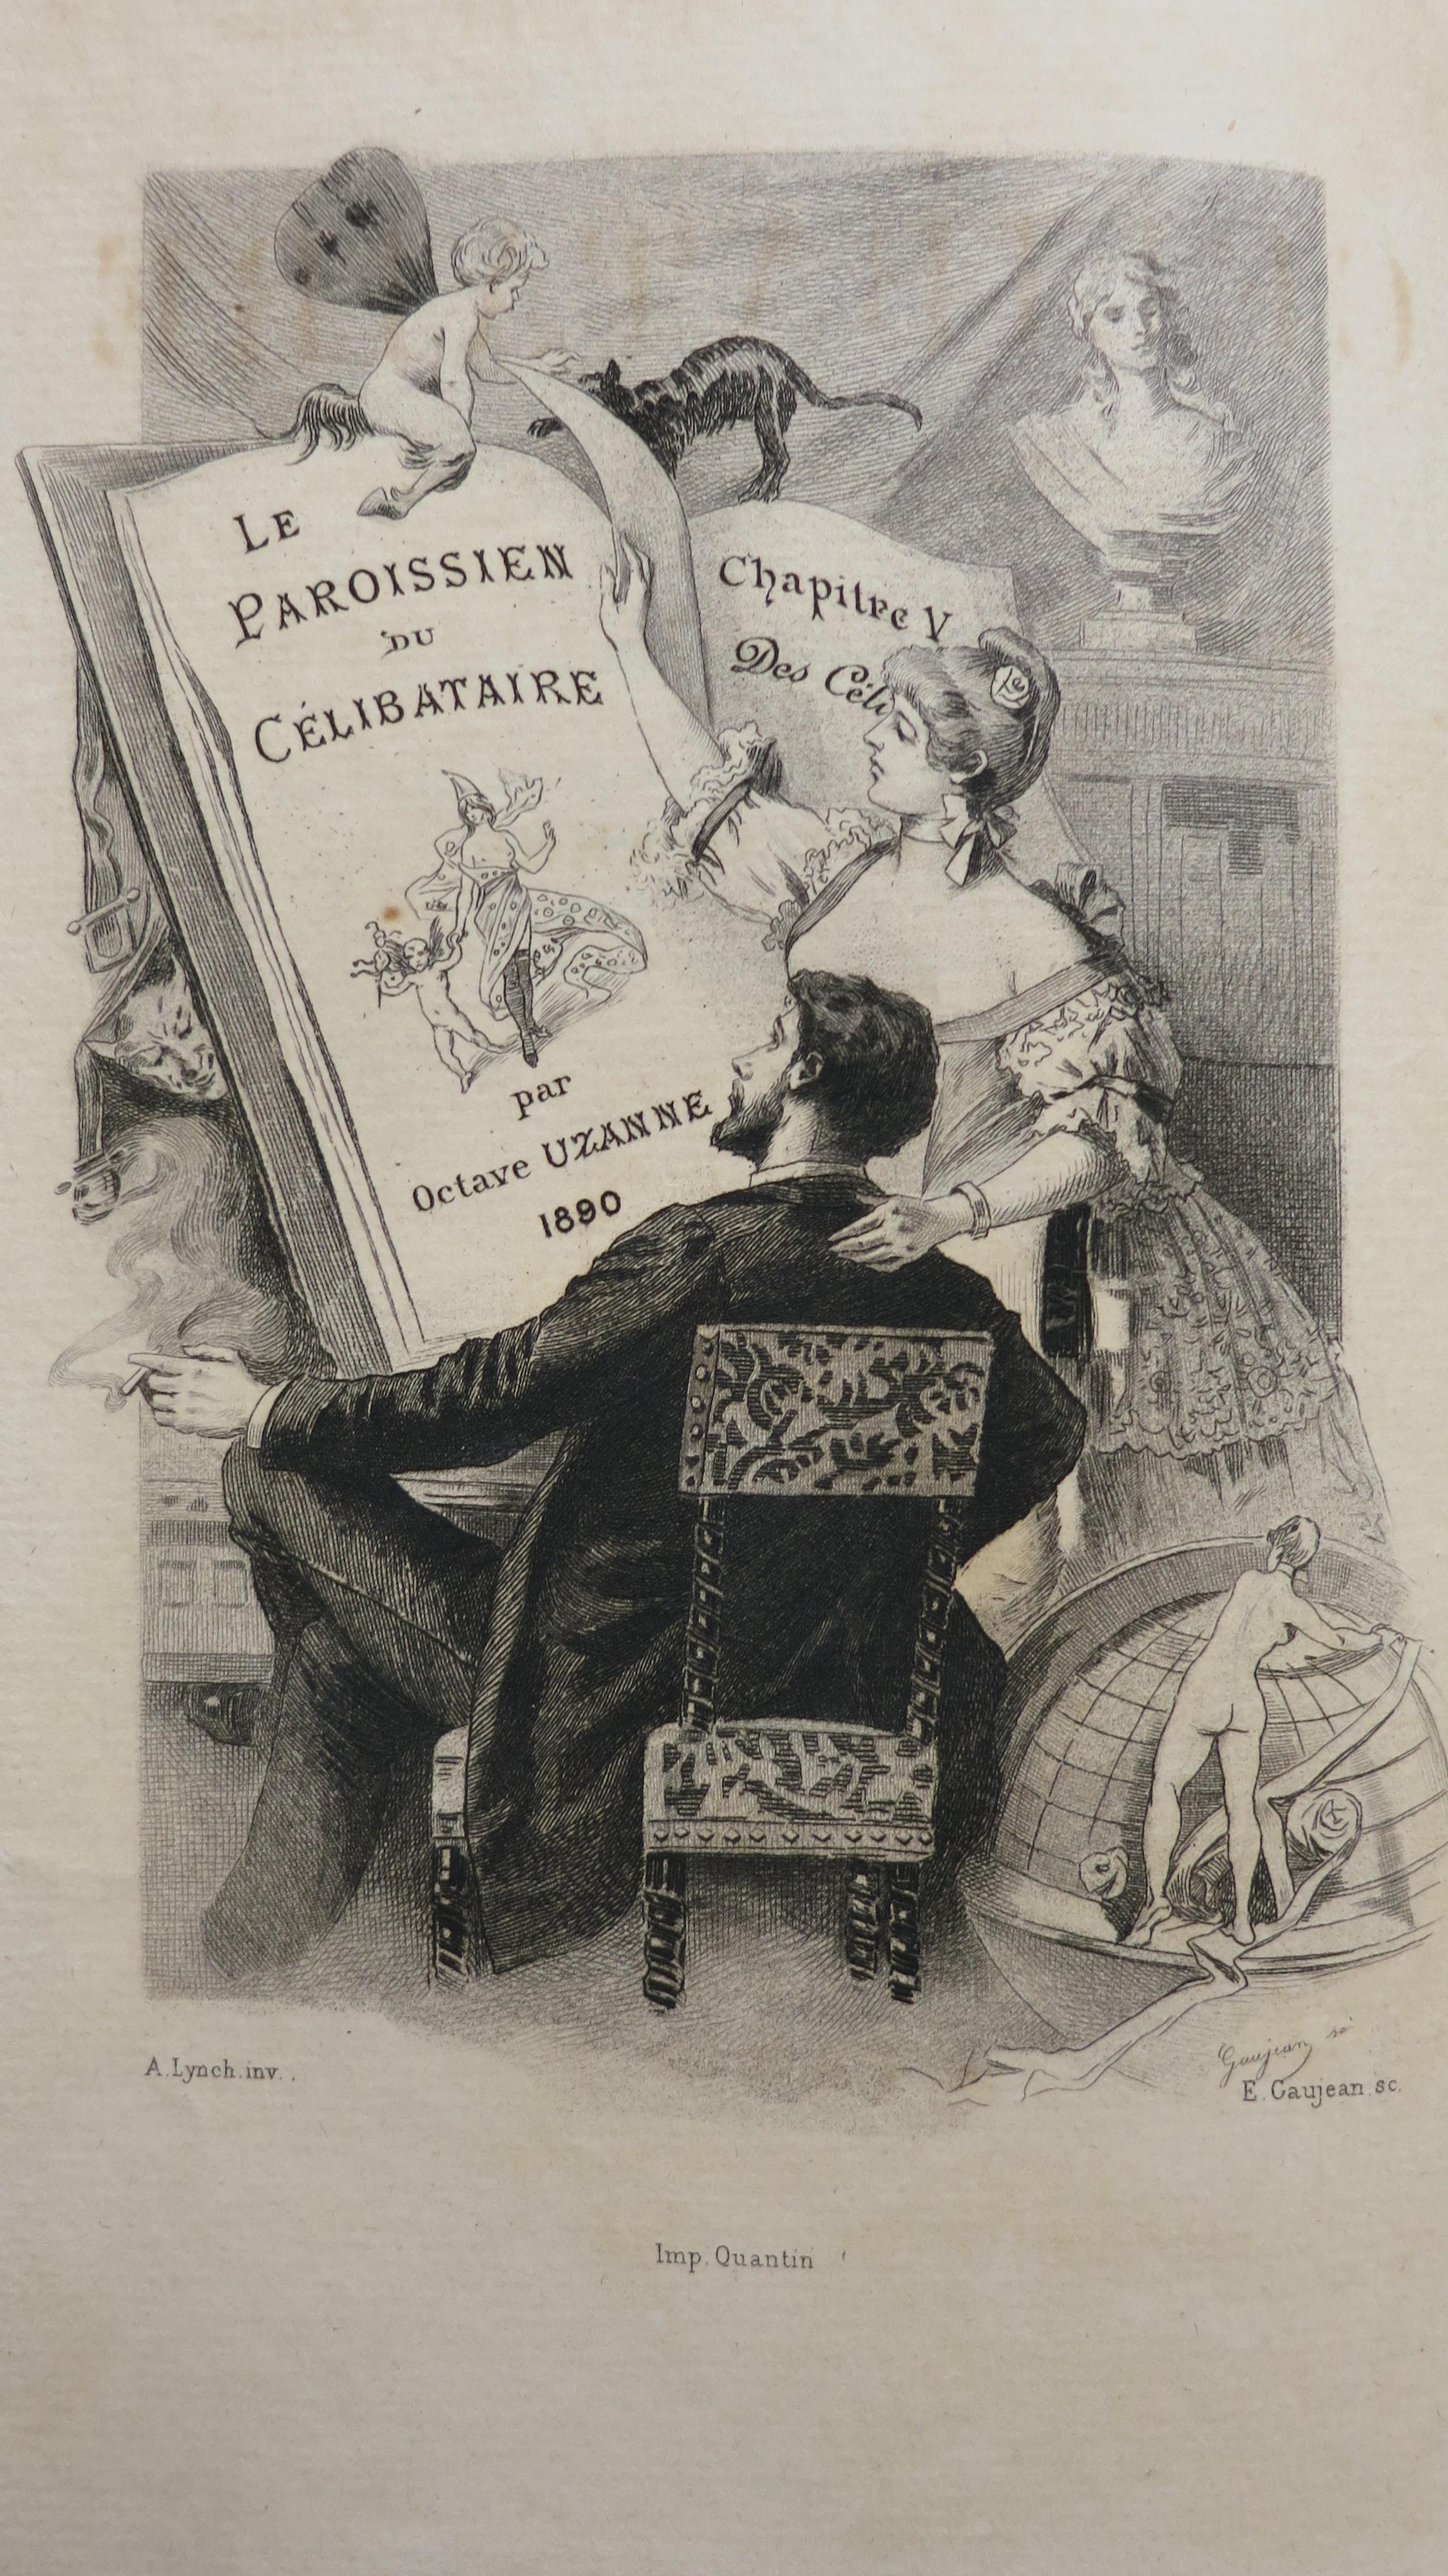 Le Paroissien du célibataire. Observations physiologiques et morales sur l'état du célibat.